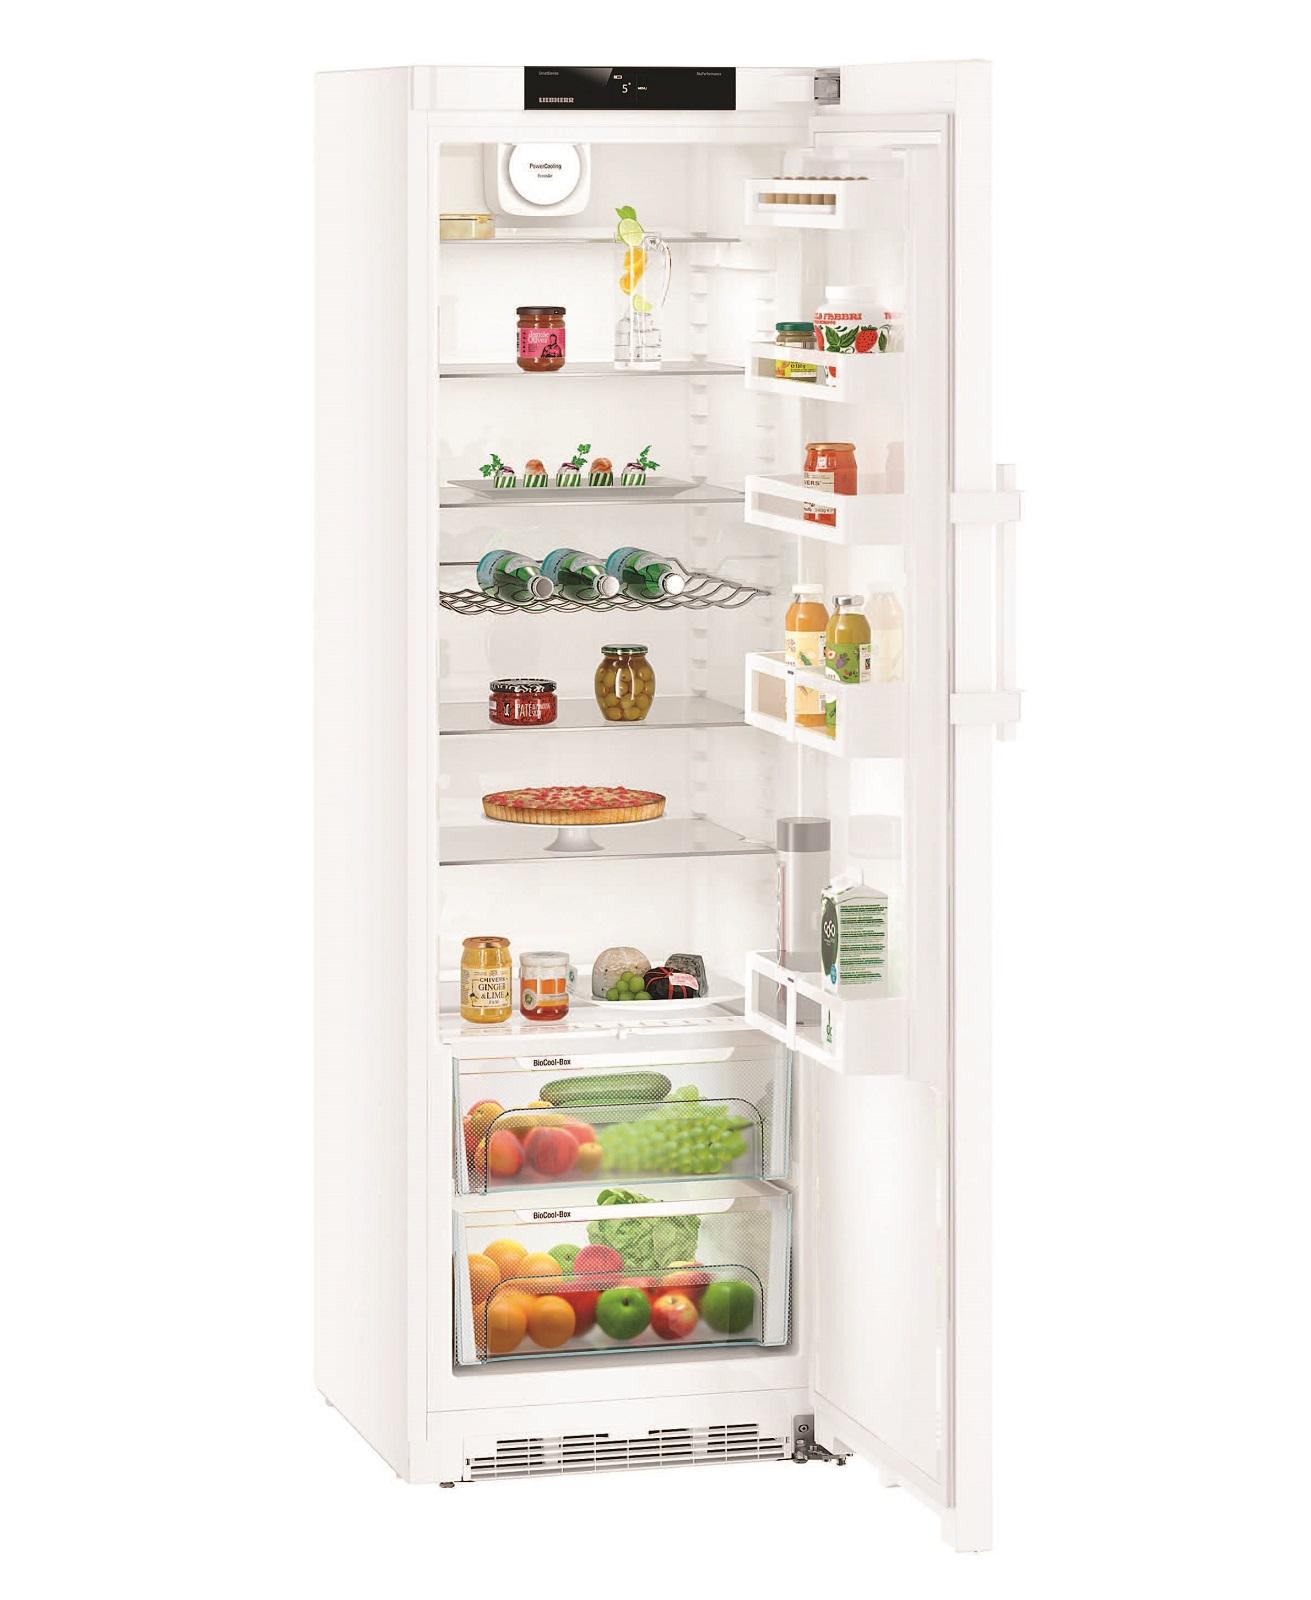 Однокамерный холодильник Liebherr K 4330 купить украина